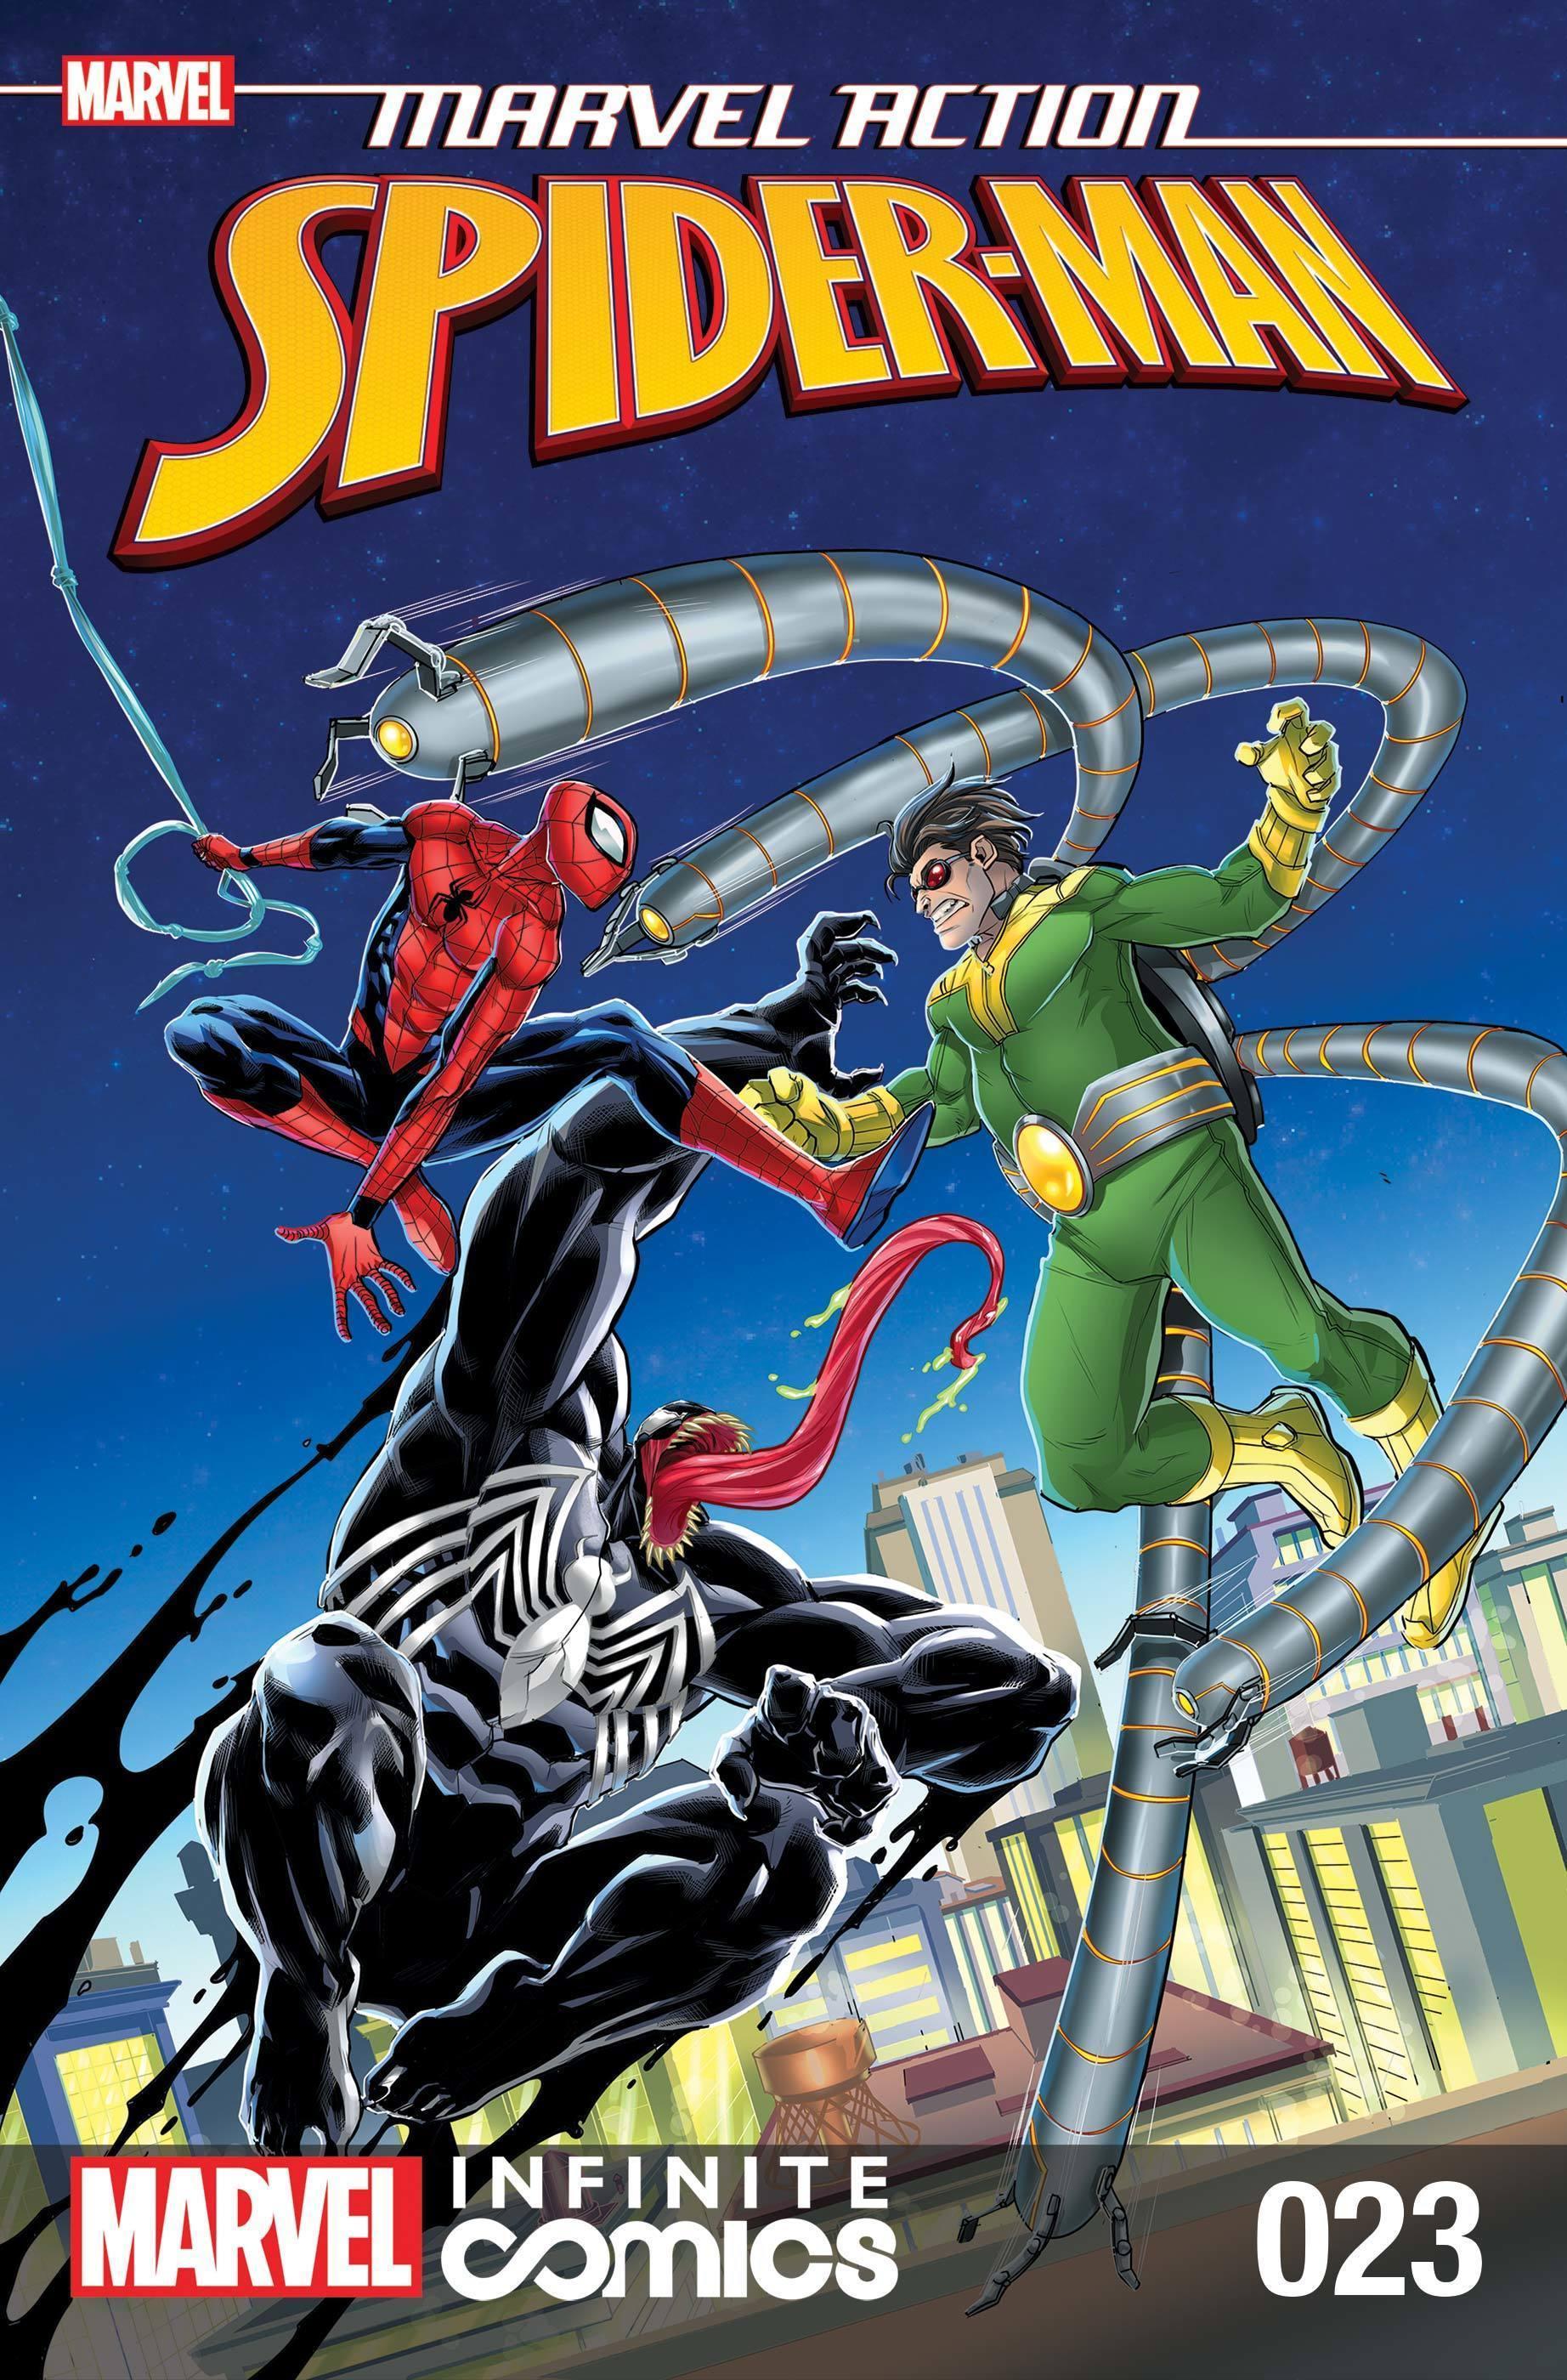 Marvel Action Spider-Man #23